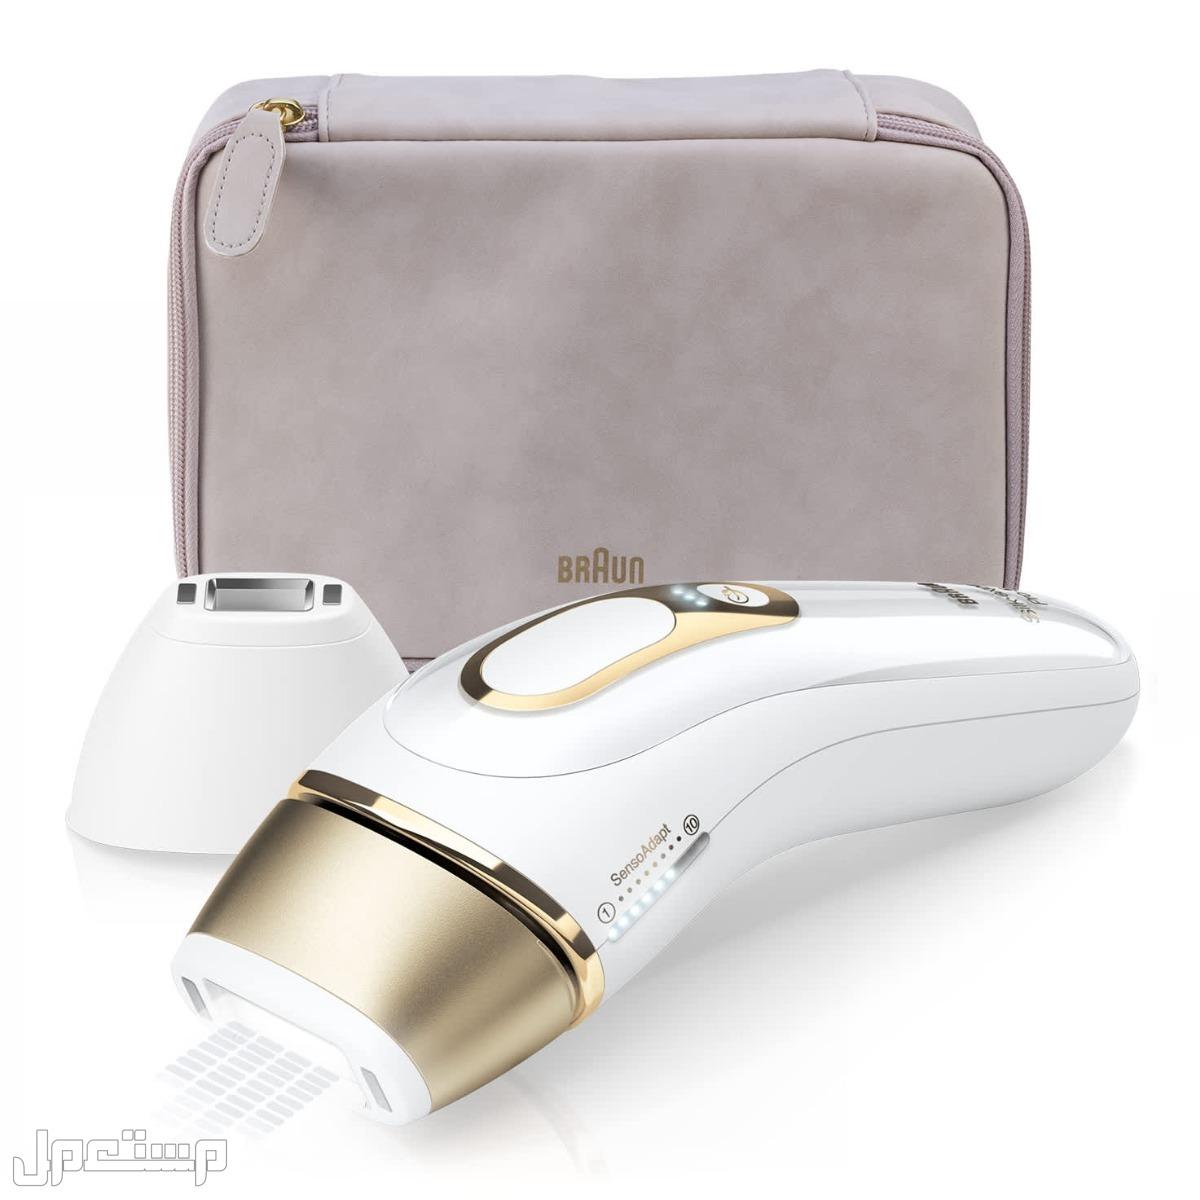 جهاز إزالة الشعر بالليزر المنزلي Silk Expert Pro 5 PL5124 مع رأس دقيق